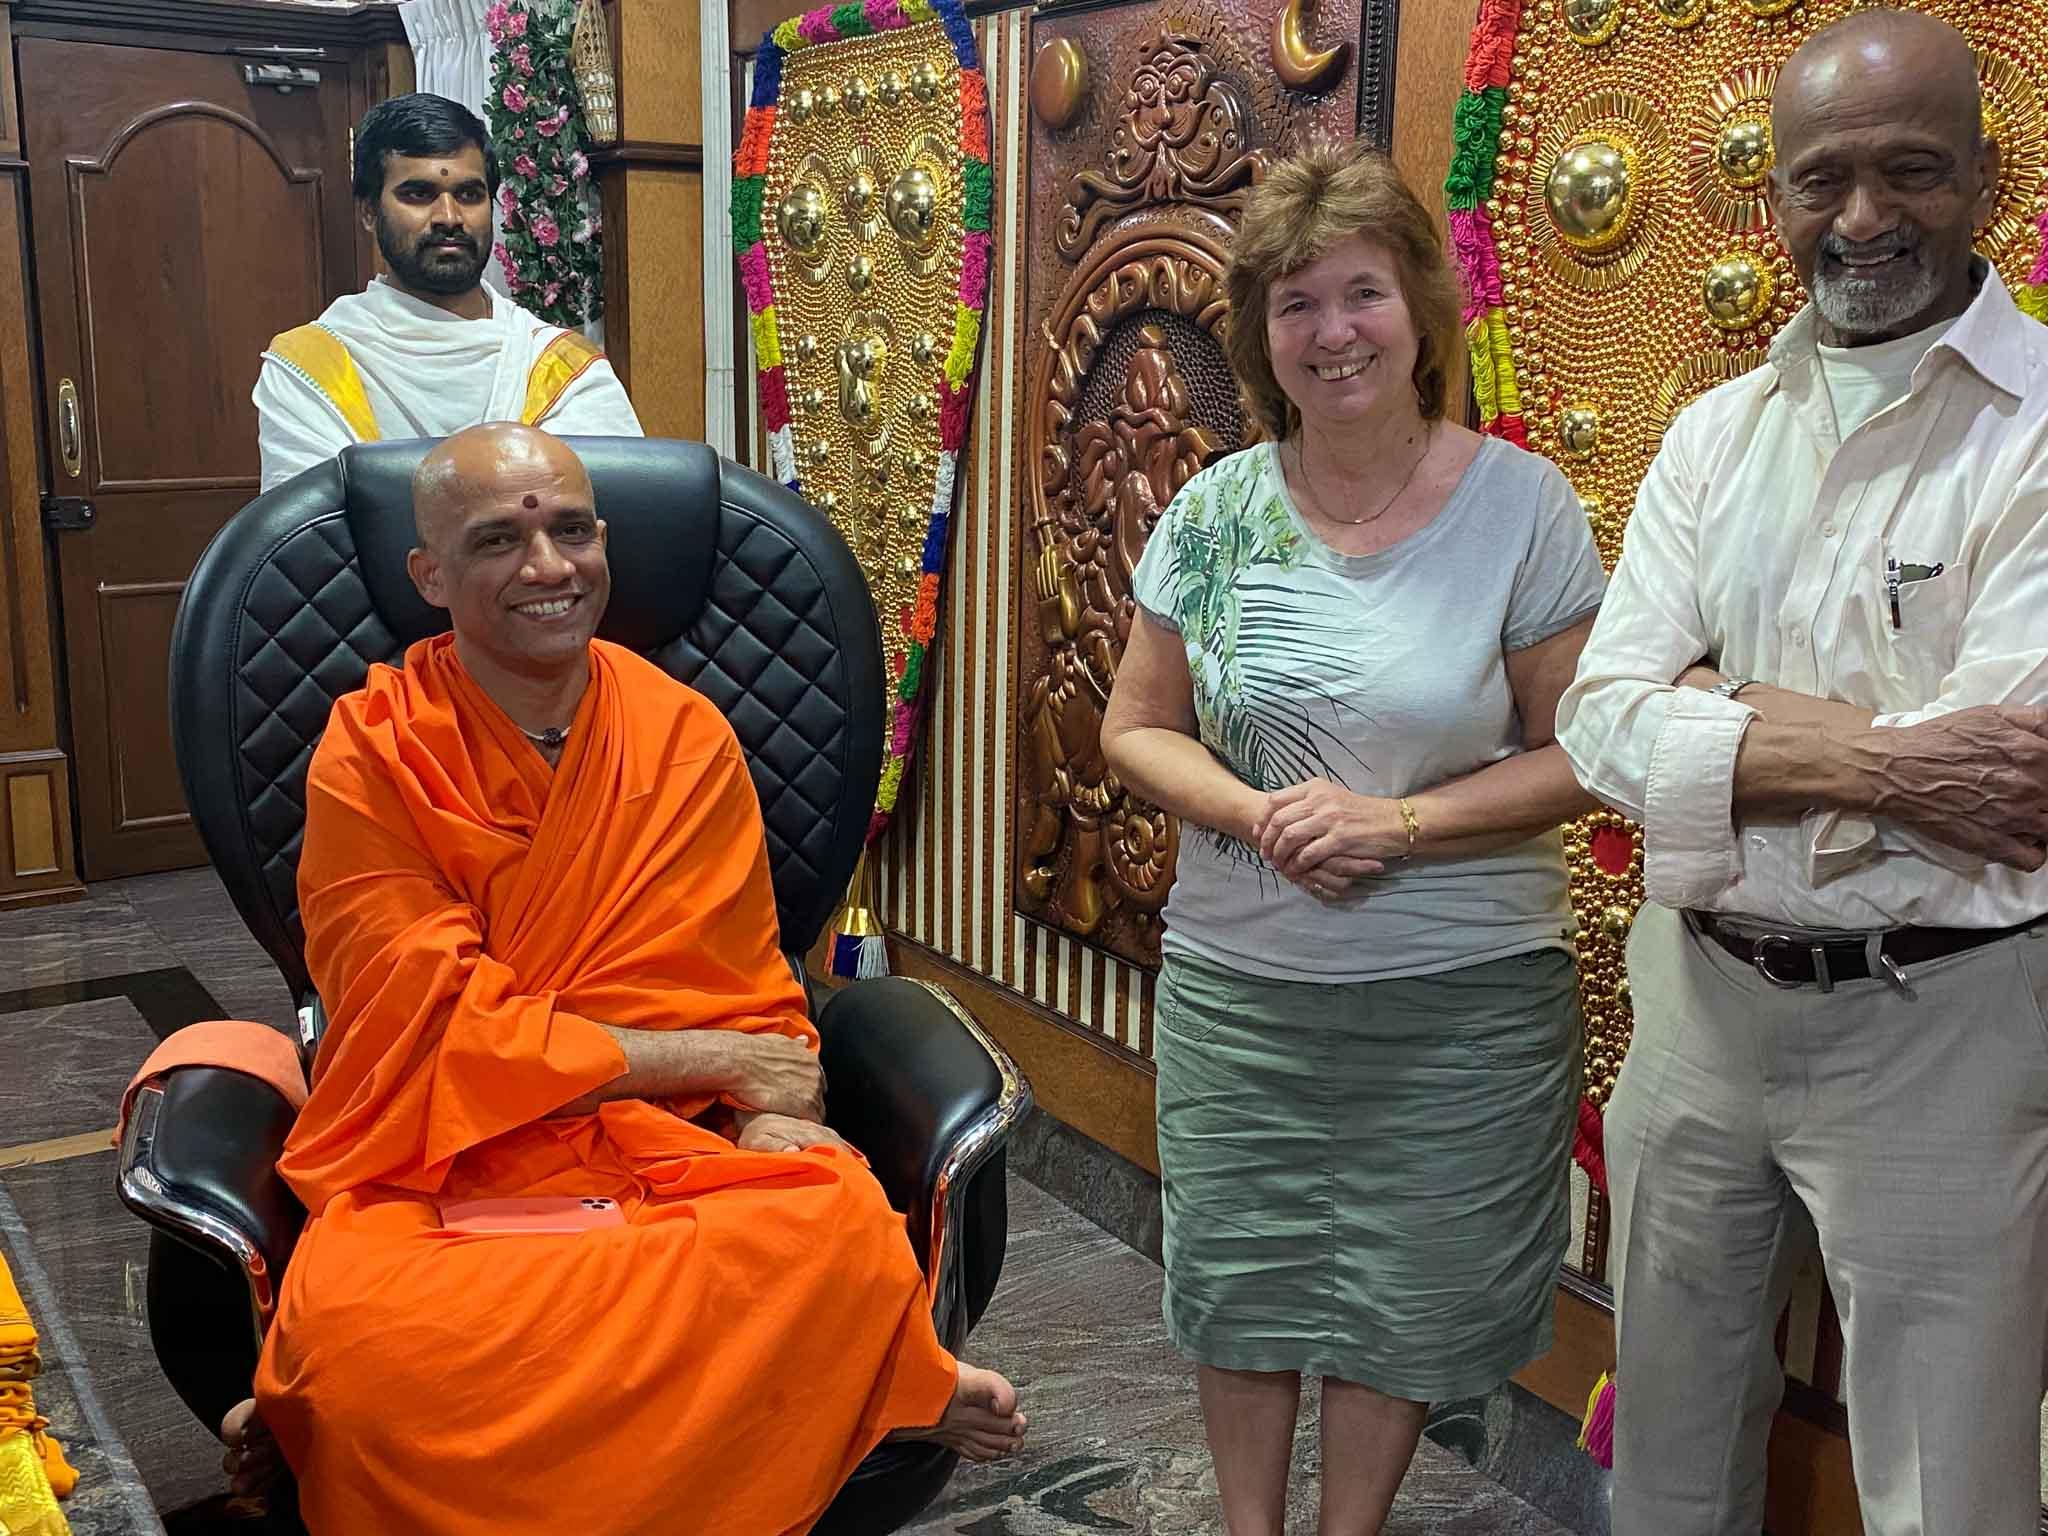 Internationale Hilfe Audienz beim Swamichi. 1 Frau und 2 Männer stehen neben dem in orange gegkleideten Swamichi